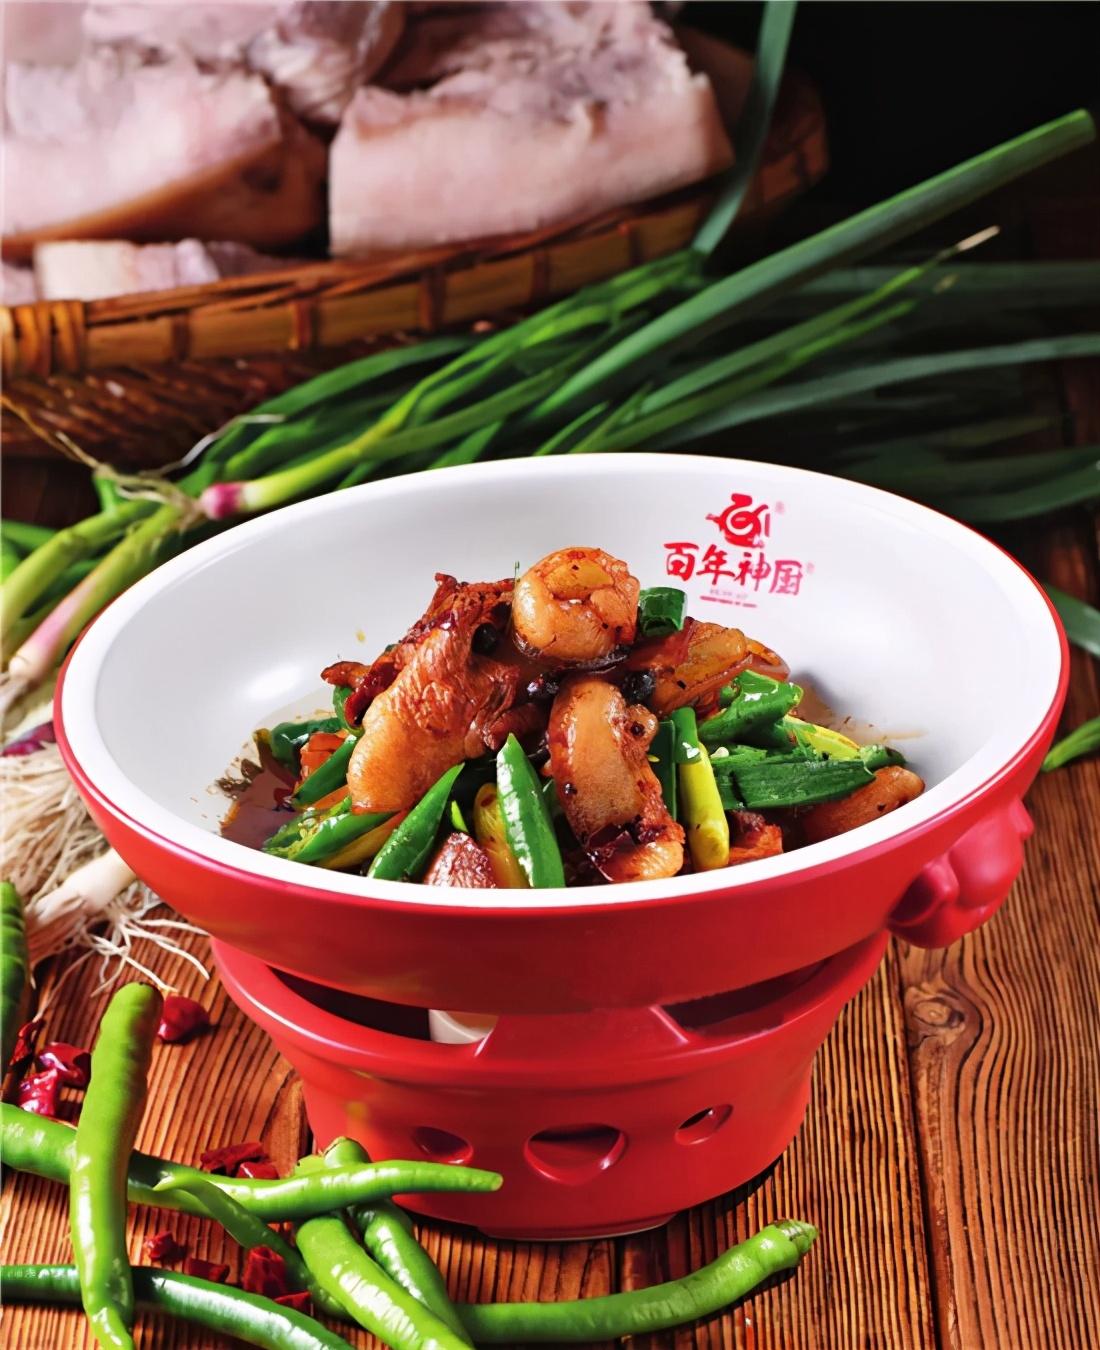 回锅肉制作的七大关键 川菜菜谱 第4张